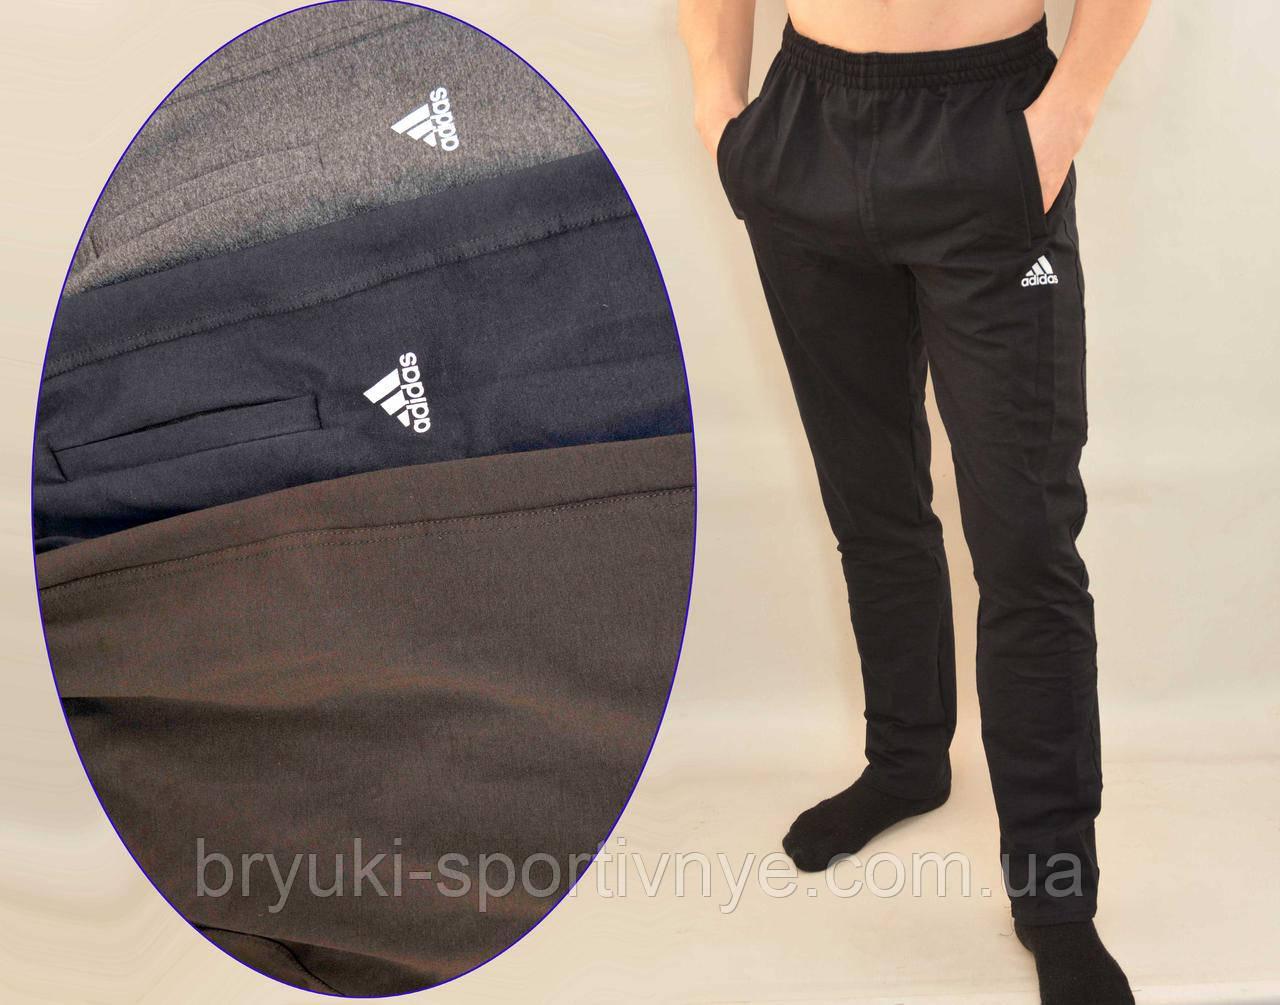 Брюки спортивные трикотажные мужские с карманами на молнии - Штаны спортивные